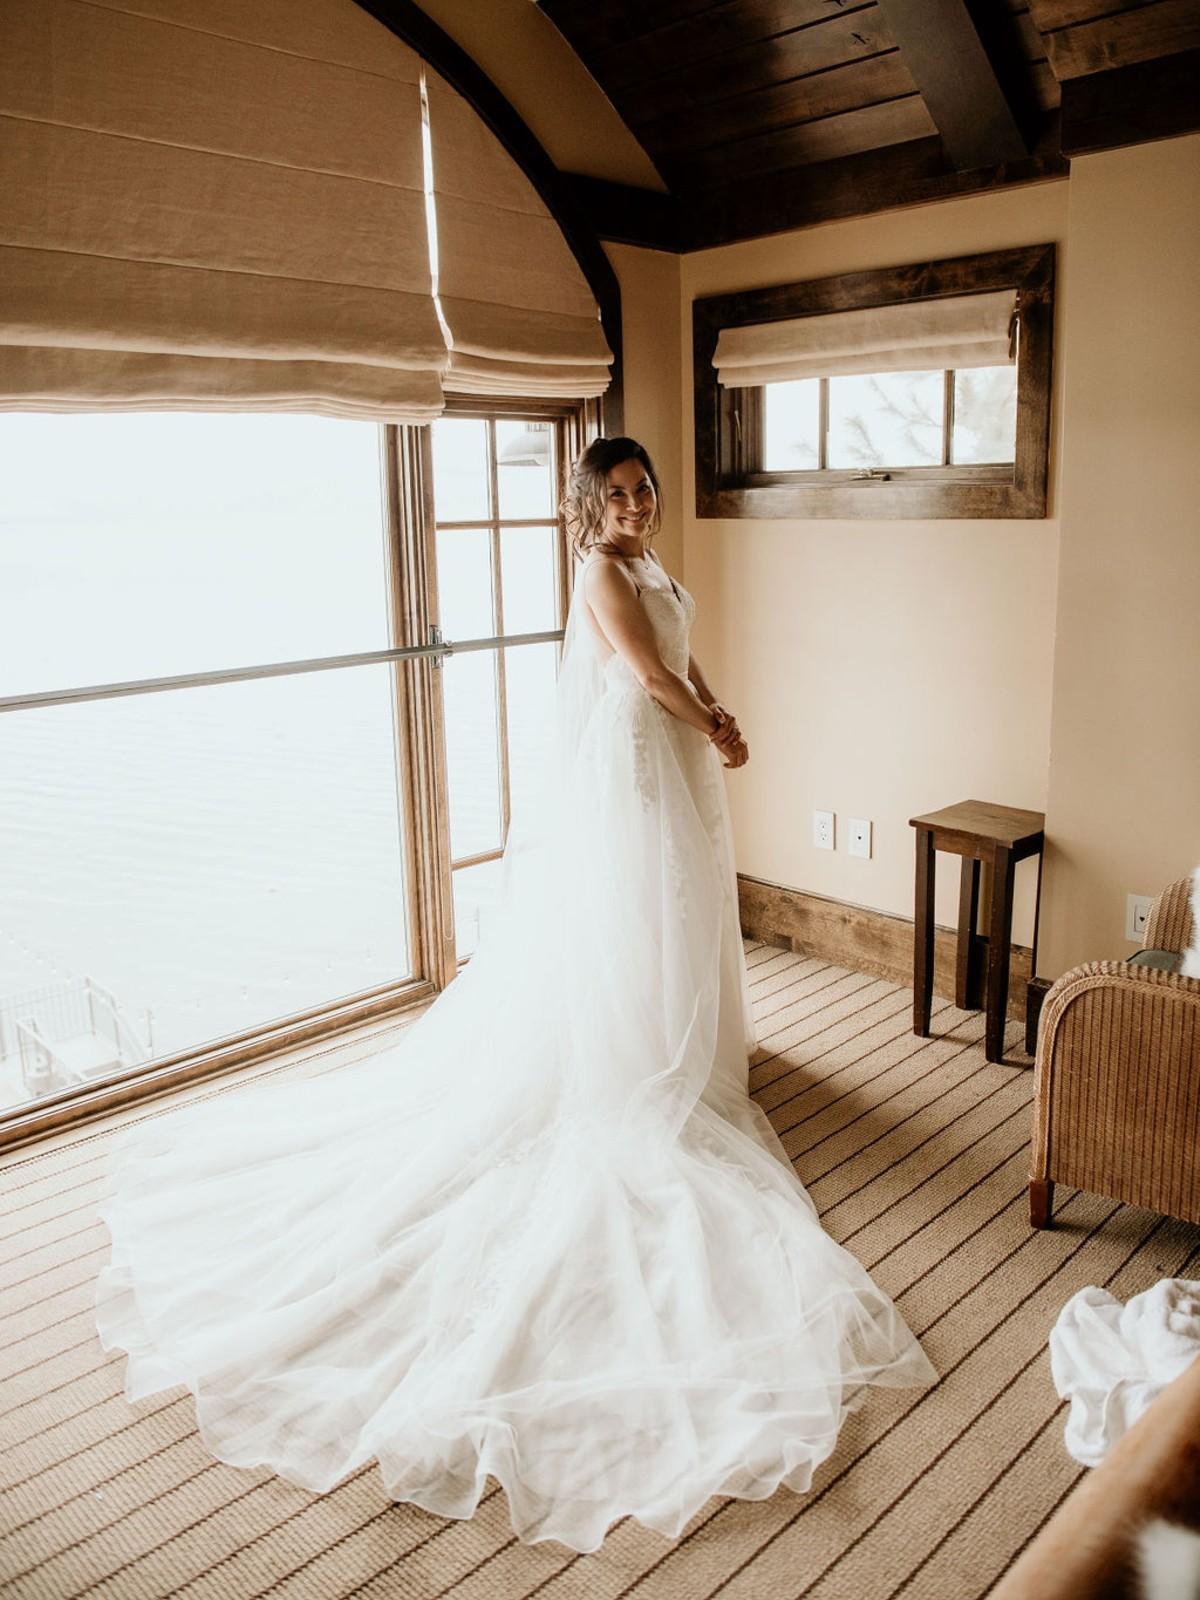 Nancy Rice Artistry - Lake Tahoe wedding hair & makeup - bride in dress